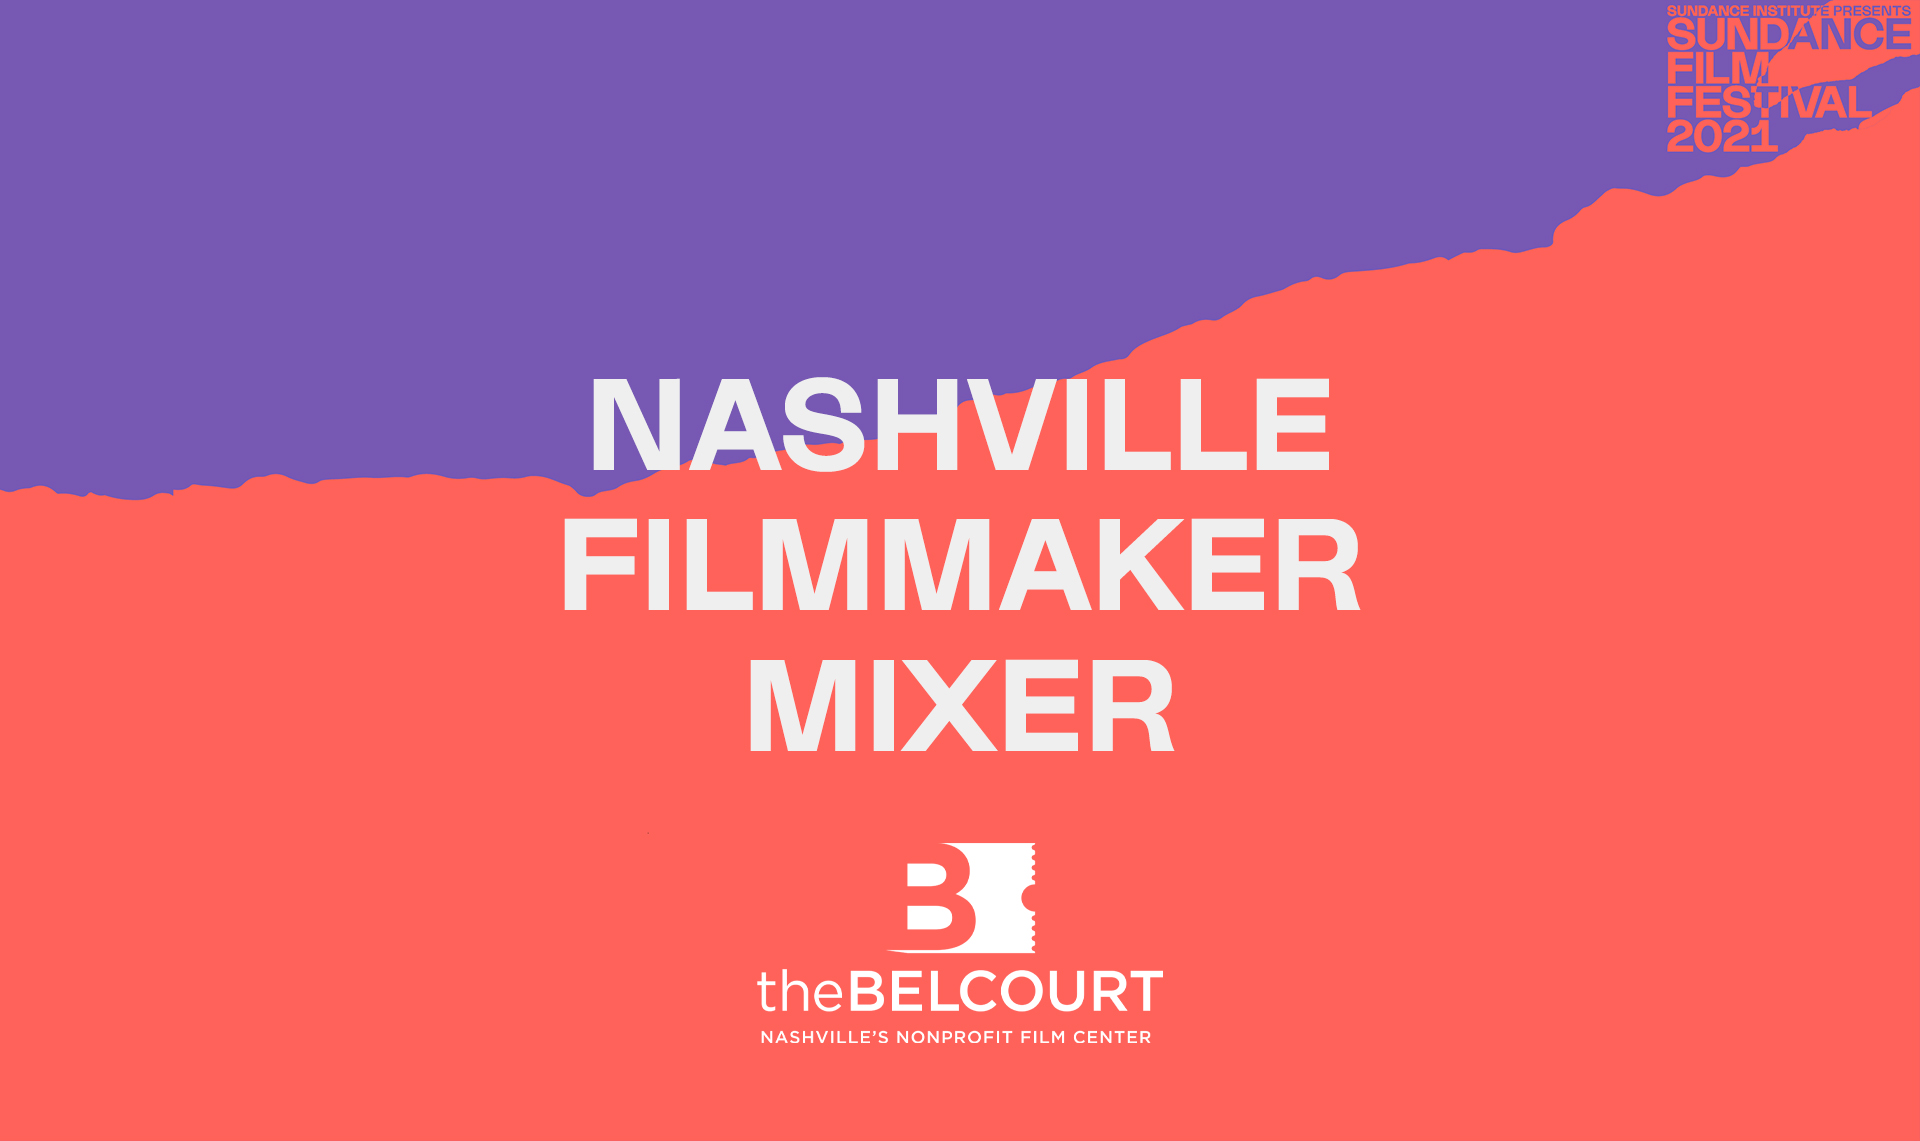 Sundance Beyond Film: Nashville Filmmaker Mixer